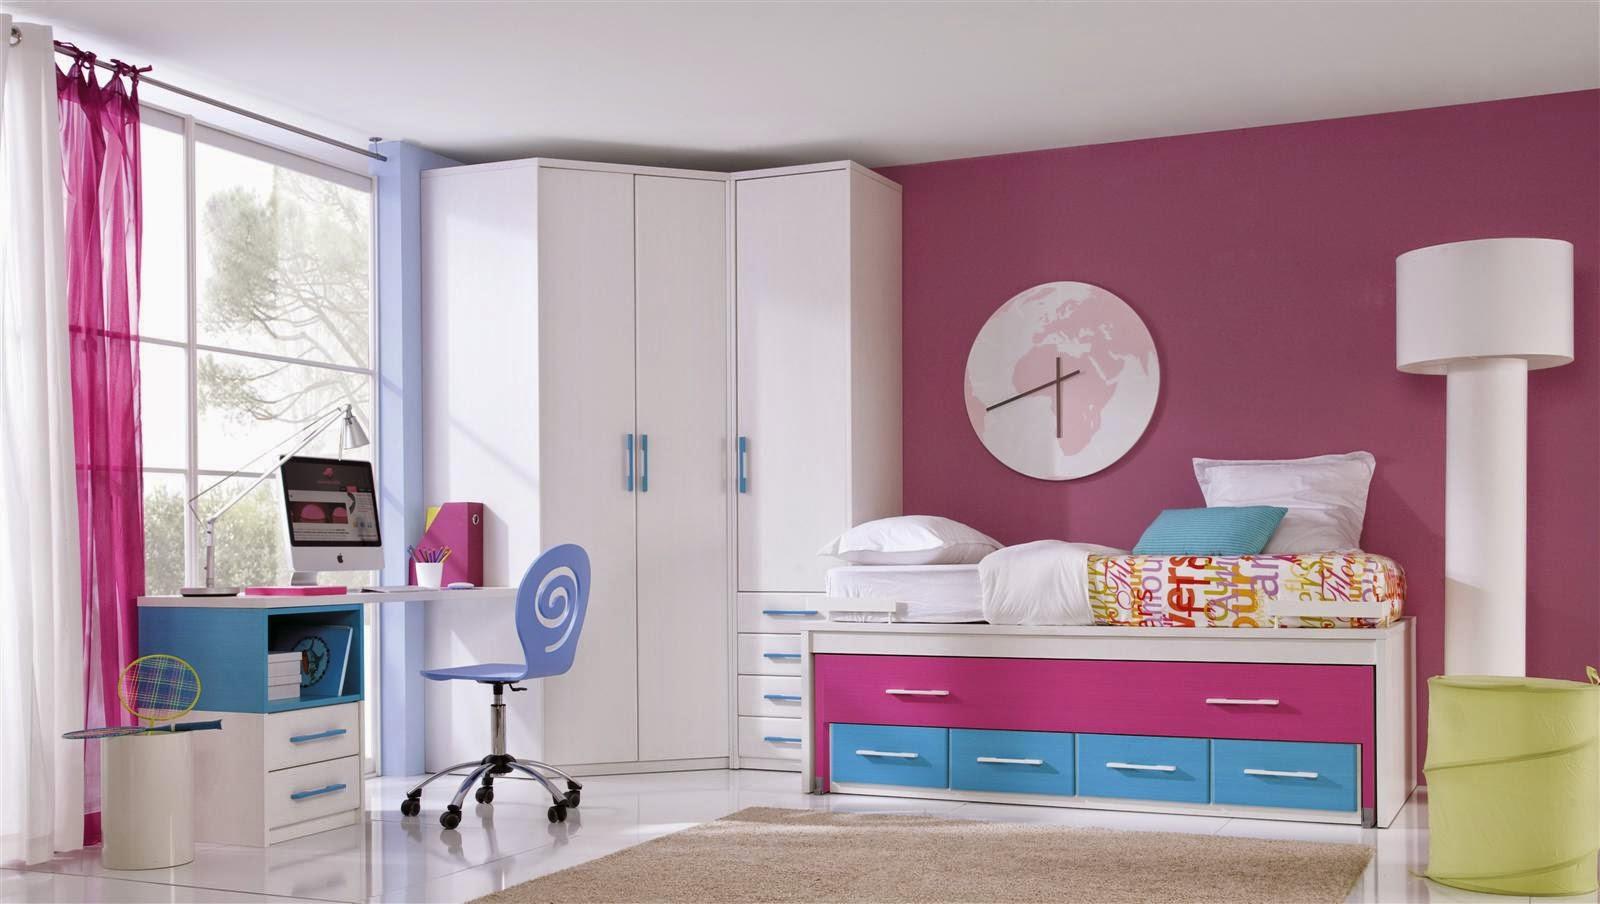 Dormitorios juveniles i elegir una cama compacta - Cama con escritorio abajo ...